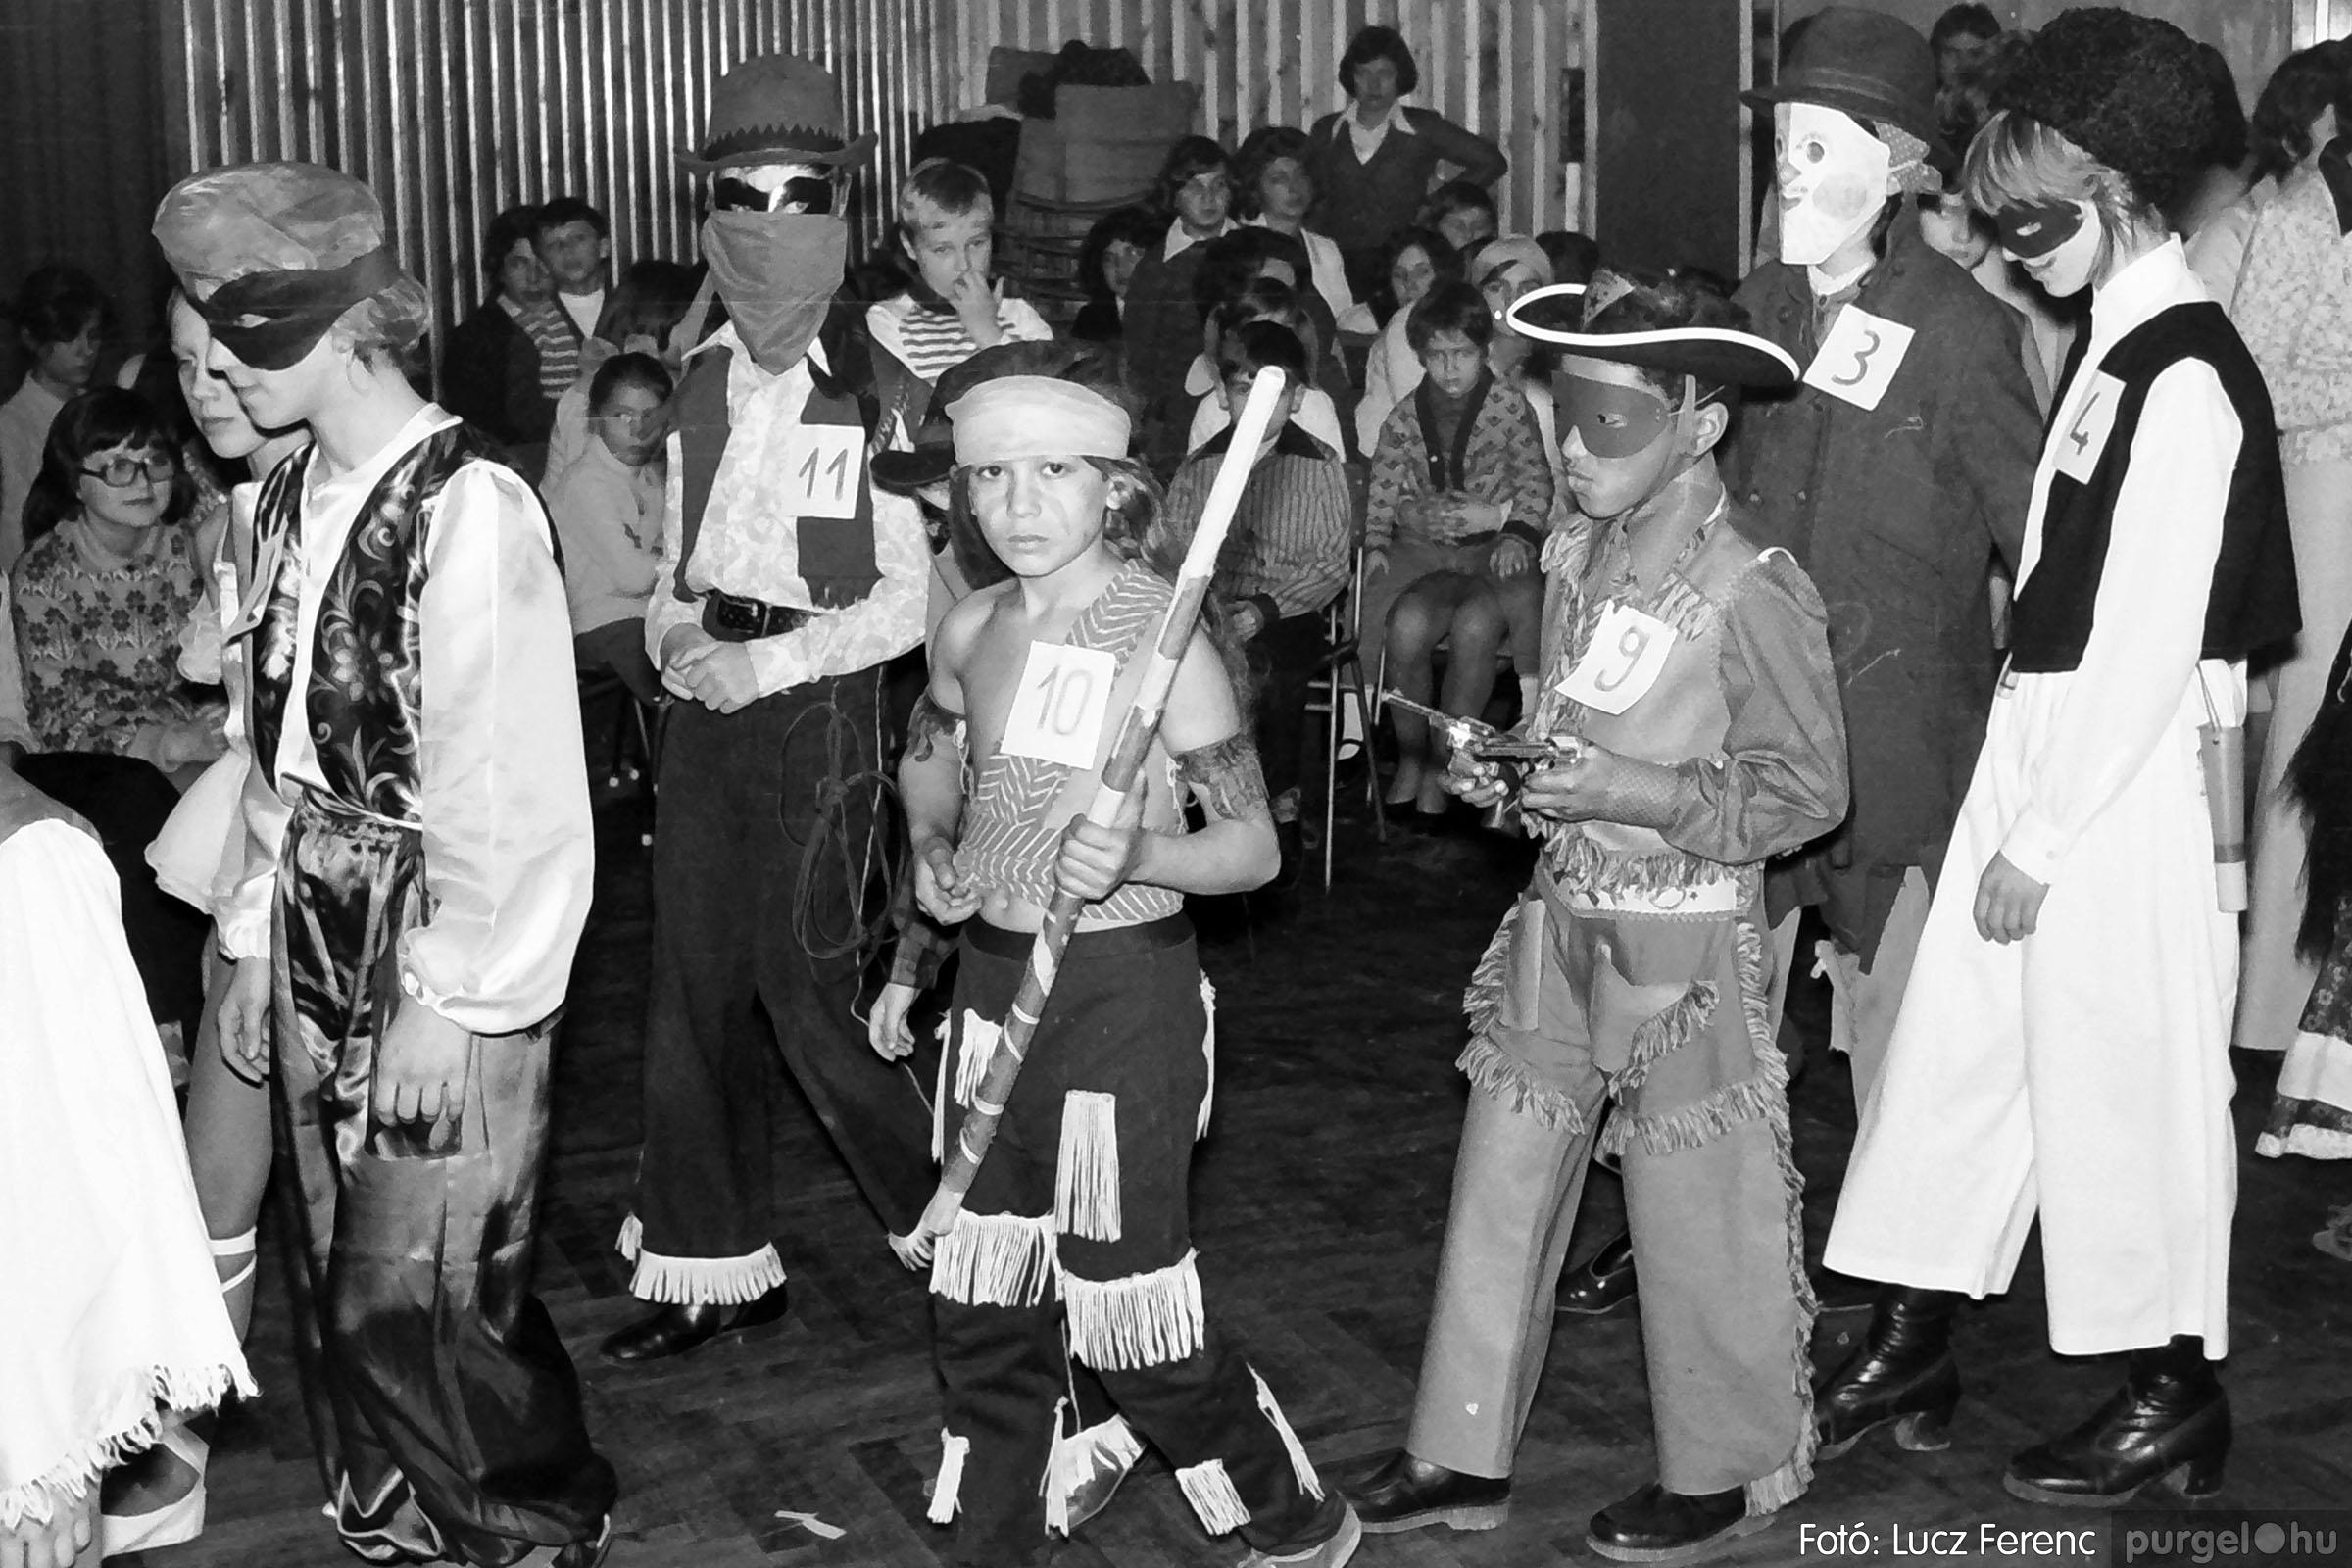 035. 1976. Iskolai farsang a kultúrházban 014 - Fotó: Lucz Ferenc.jpg